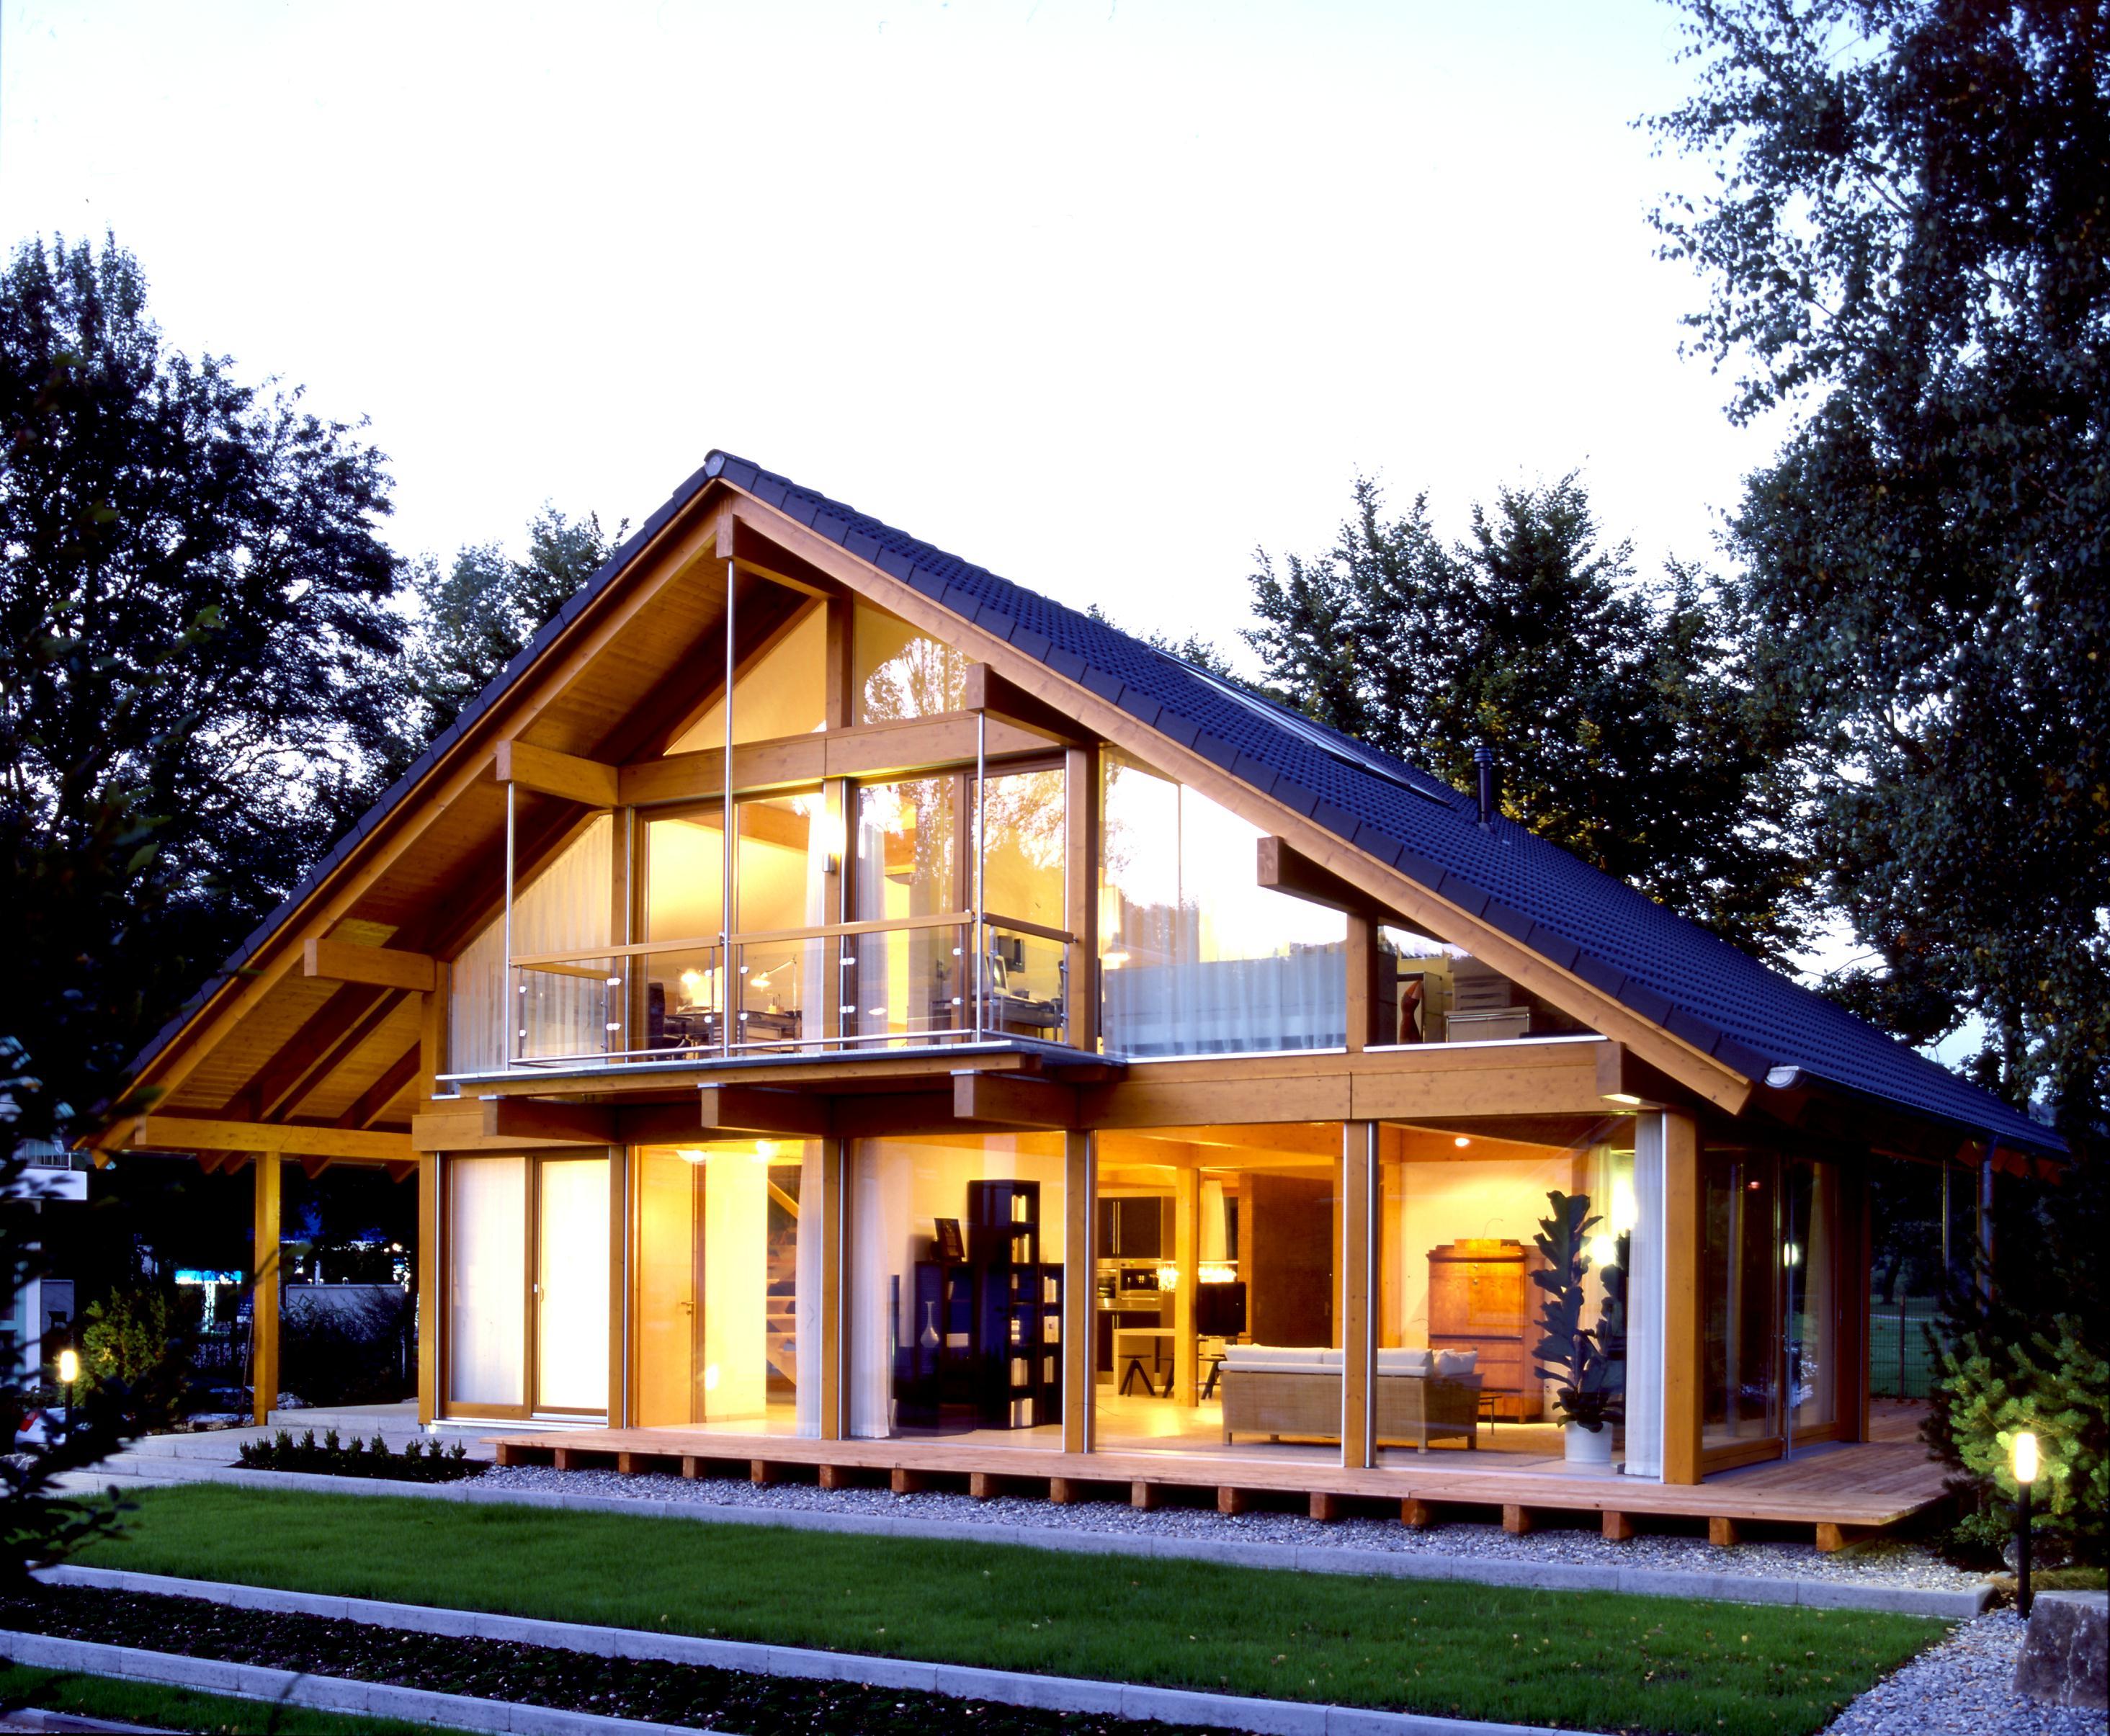 Casas lindas 26 fotos inspiradoras arquidicas for Casas modernas lindas